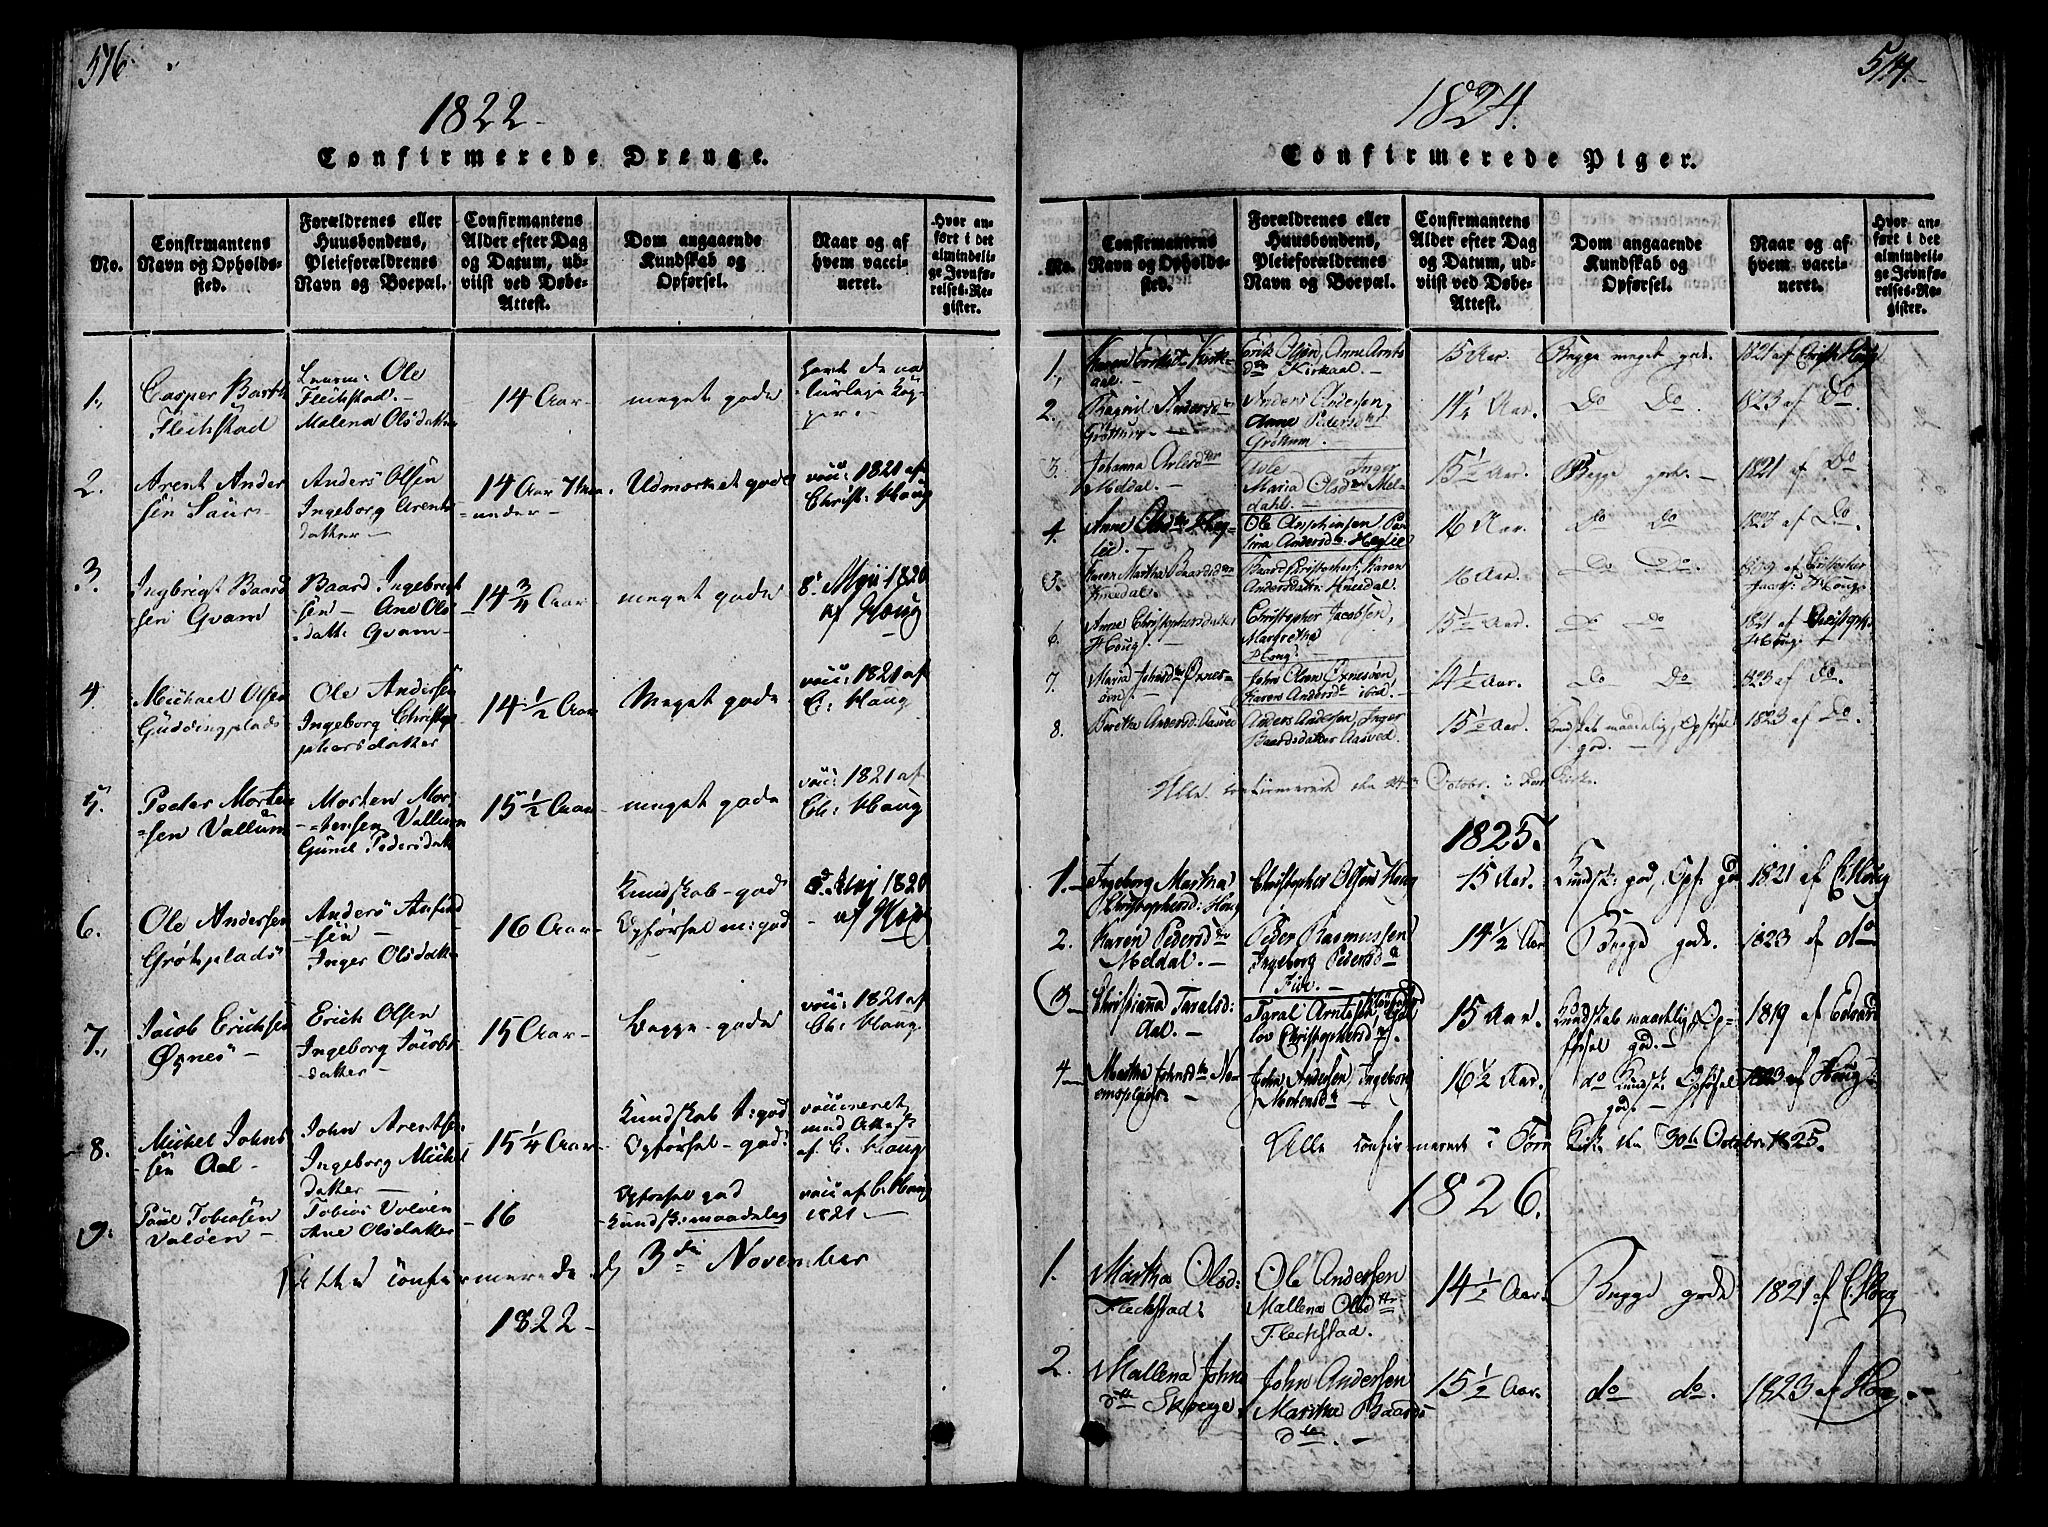 SAT, Ministerialprotokoller, klokkerbøker og fødselsregistre - Nord-Trøndelag, 746/L0441: Ministerialbok nr. 746A03 /2, 1816-1827, s. 516-517